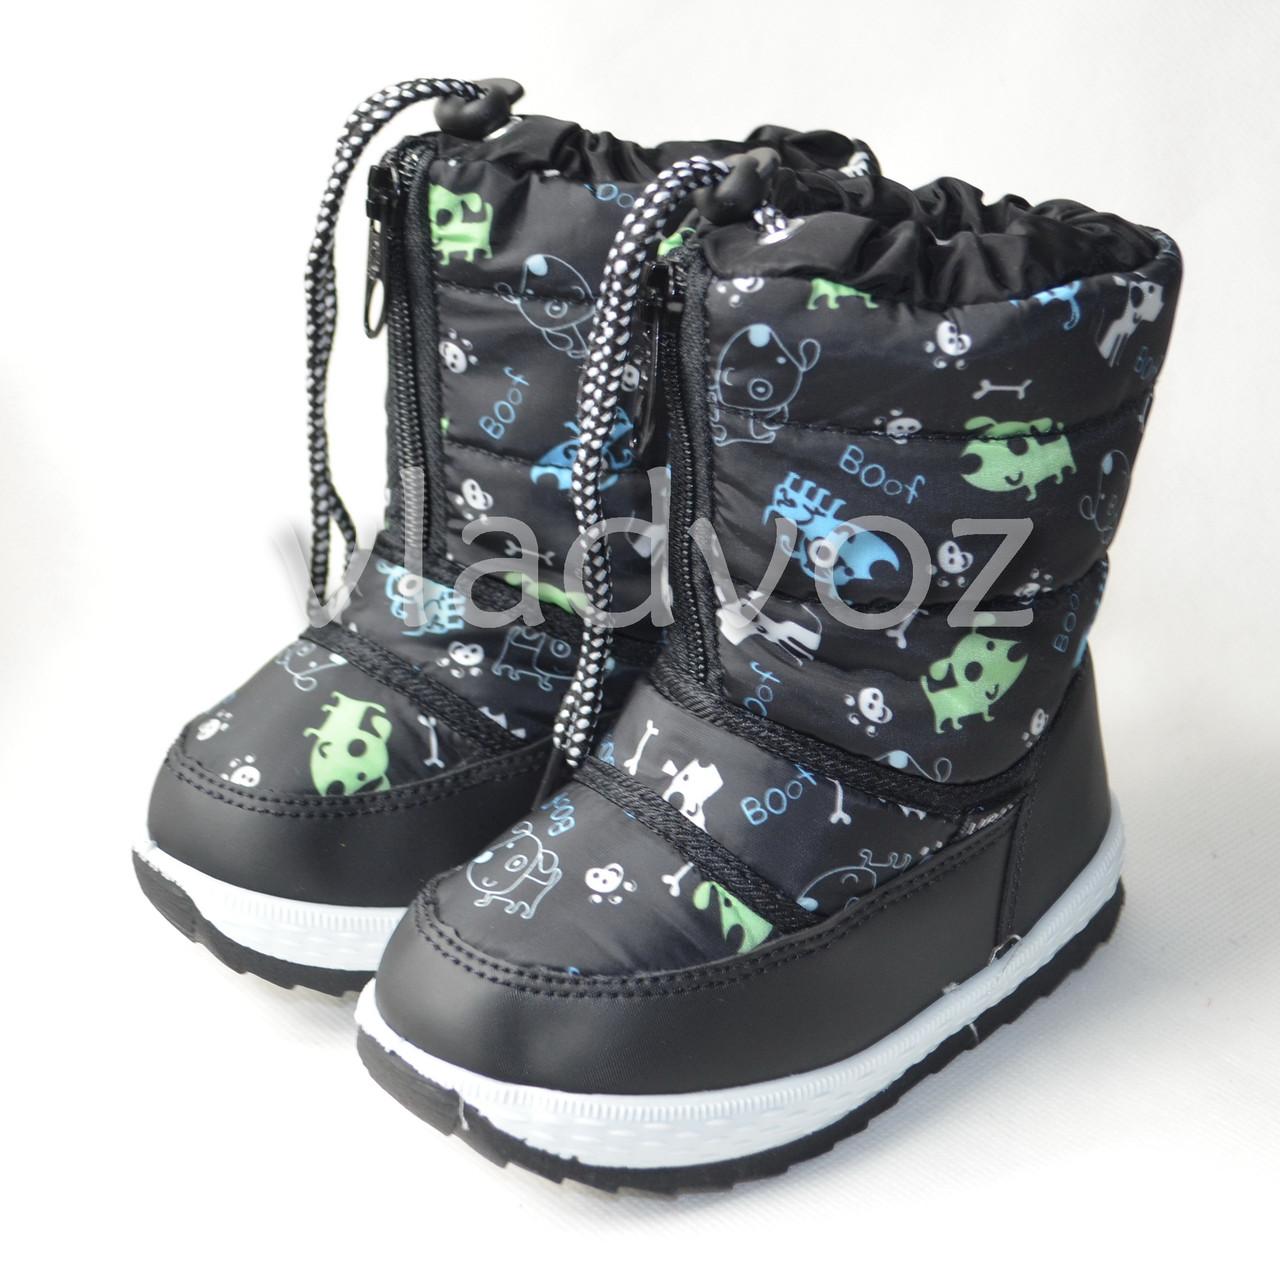 Зимние дутики, сапоги для мальчика 28р. черные собачки